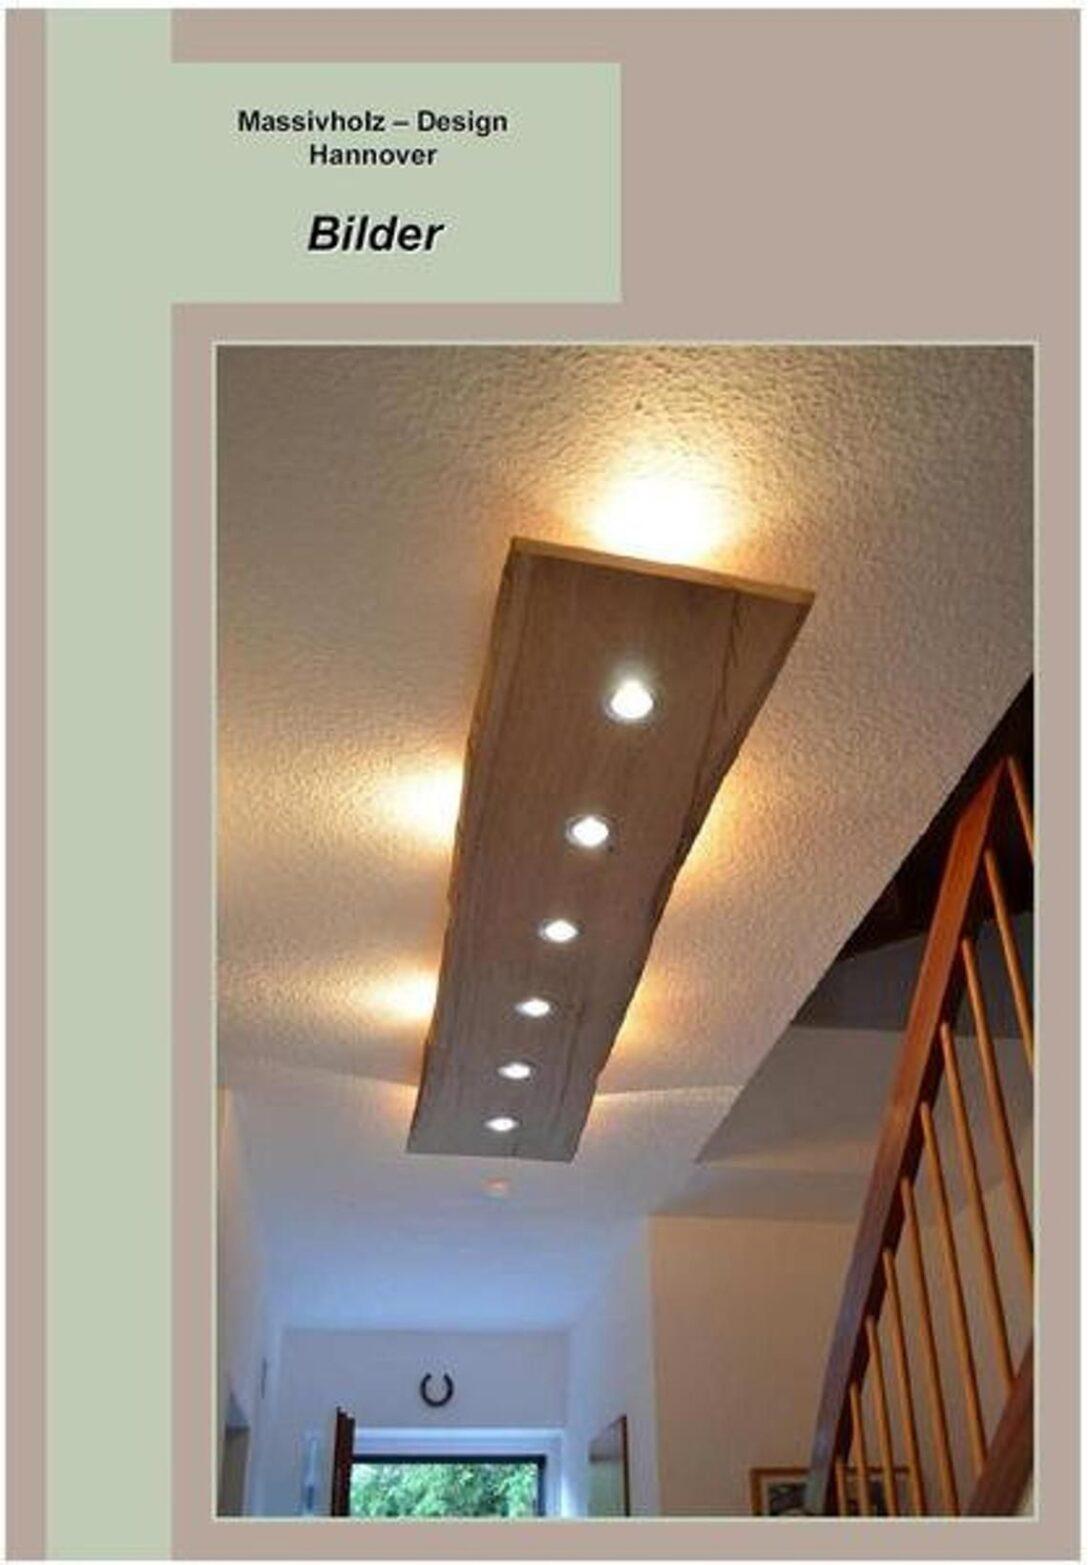 Full Size of Wohnzimmer Kommode Deckenleuchte Hängeschrank Led Lampen Schlafzimmer Tischlampe Deckenlampen Esstisch Heizkörper Deckenlampe Decken Gardinen Indirekte Wohnzimmer Wohnzimmer Led Lampe